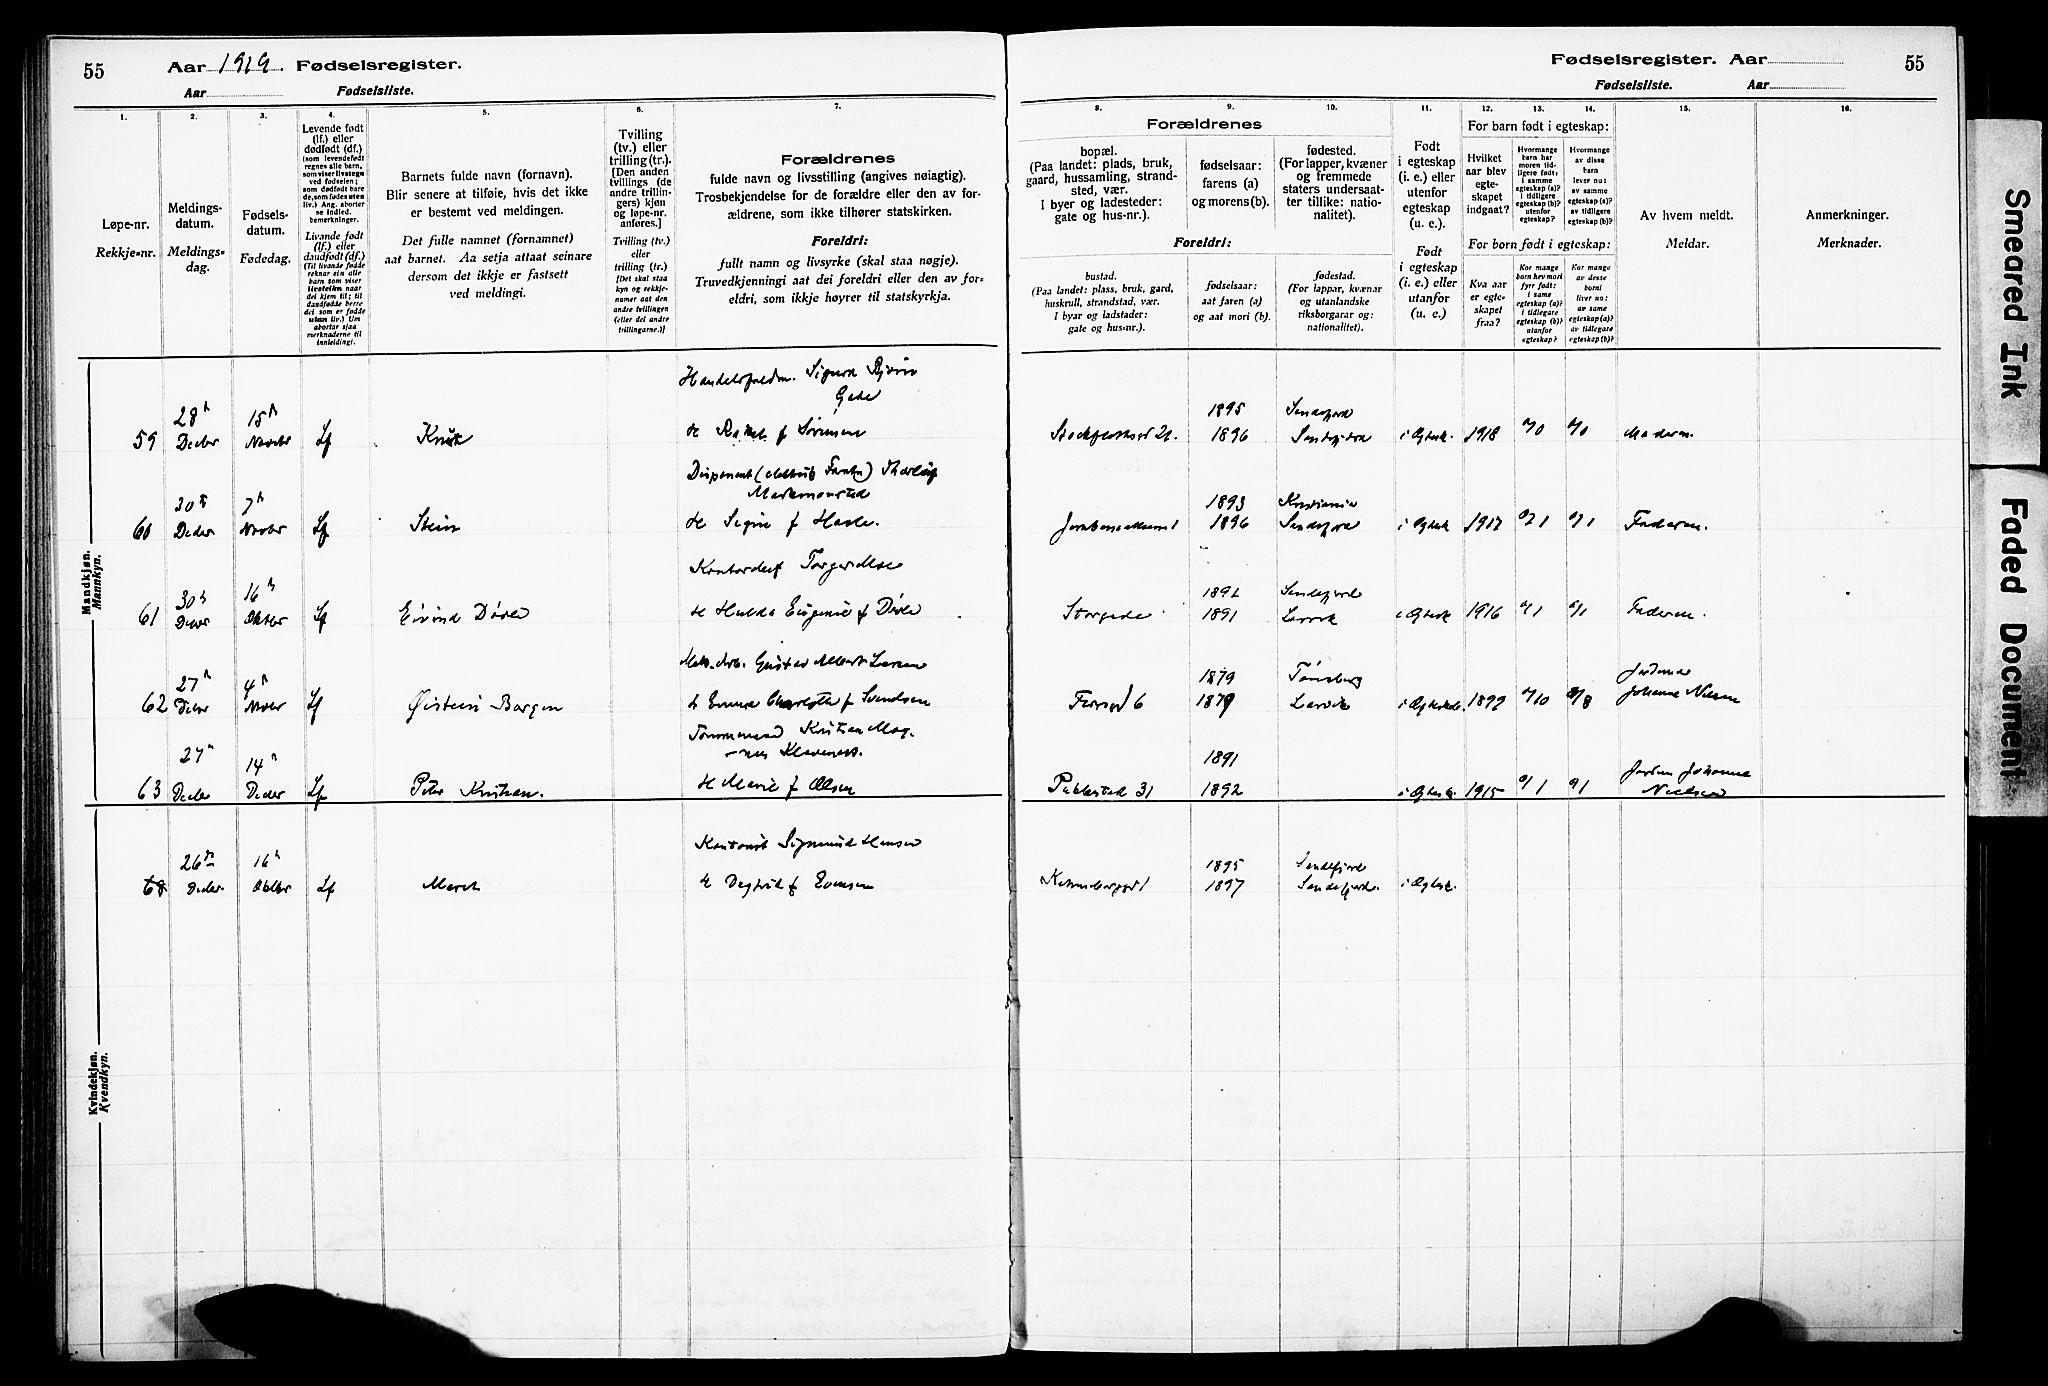 SAKO, Sandefjord kirkebøker, J/Ja/L0001: Birth register no. 1, 1916-1932, p. 55